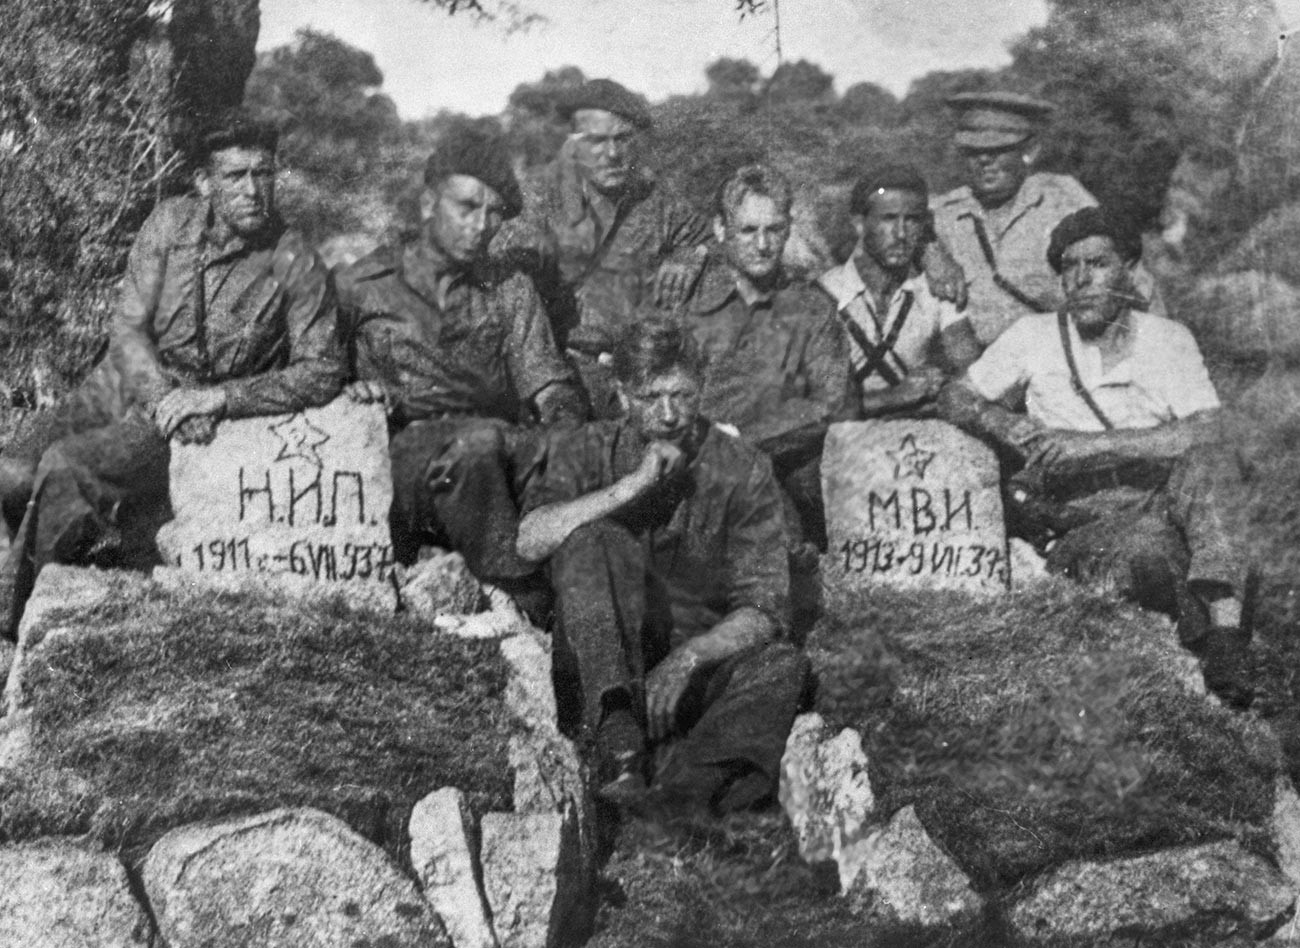 Tanquistas soviéticos diante dos túmulos de camaradas que morreram durante a Guerra Civil Espanhola.